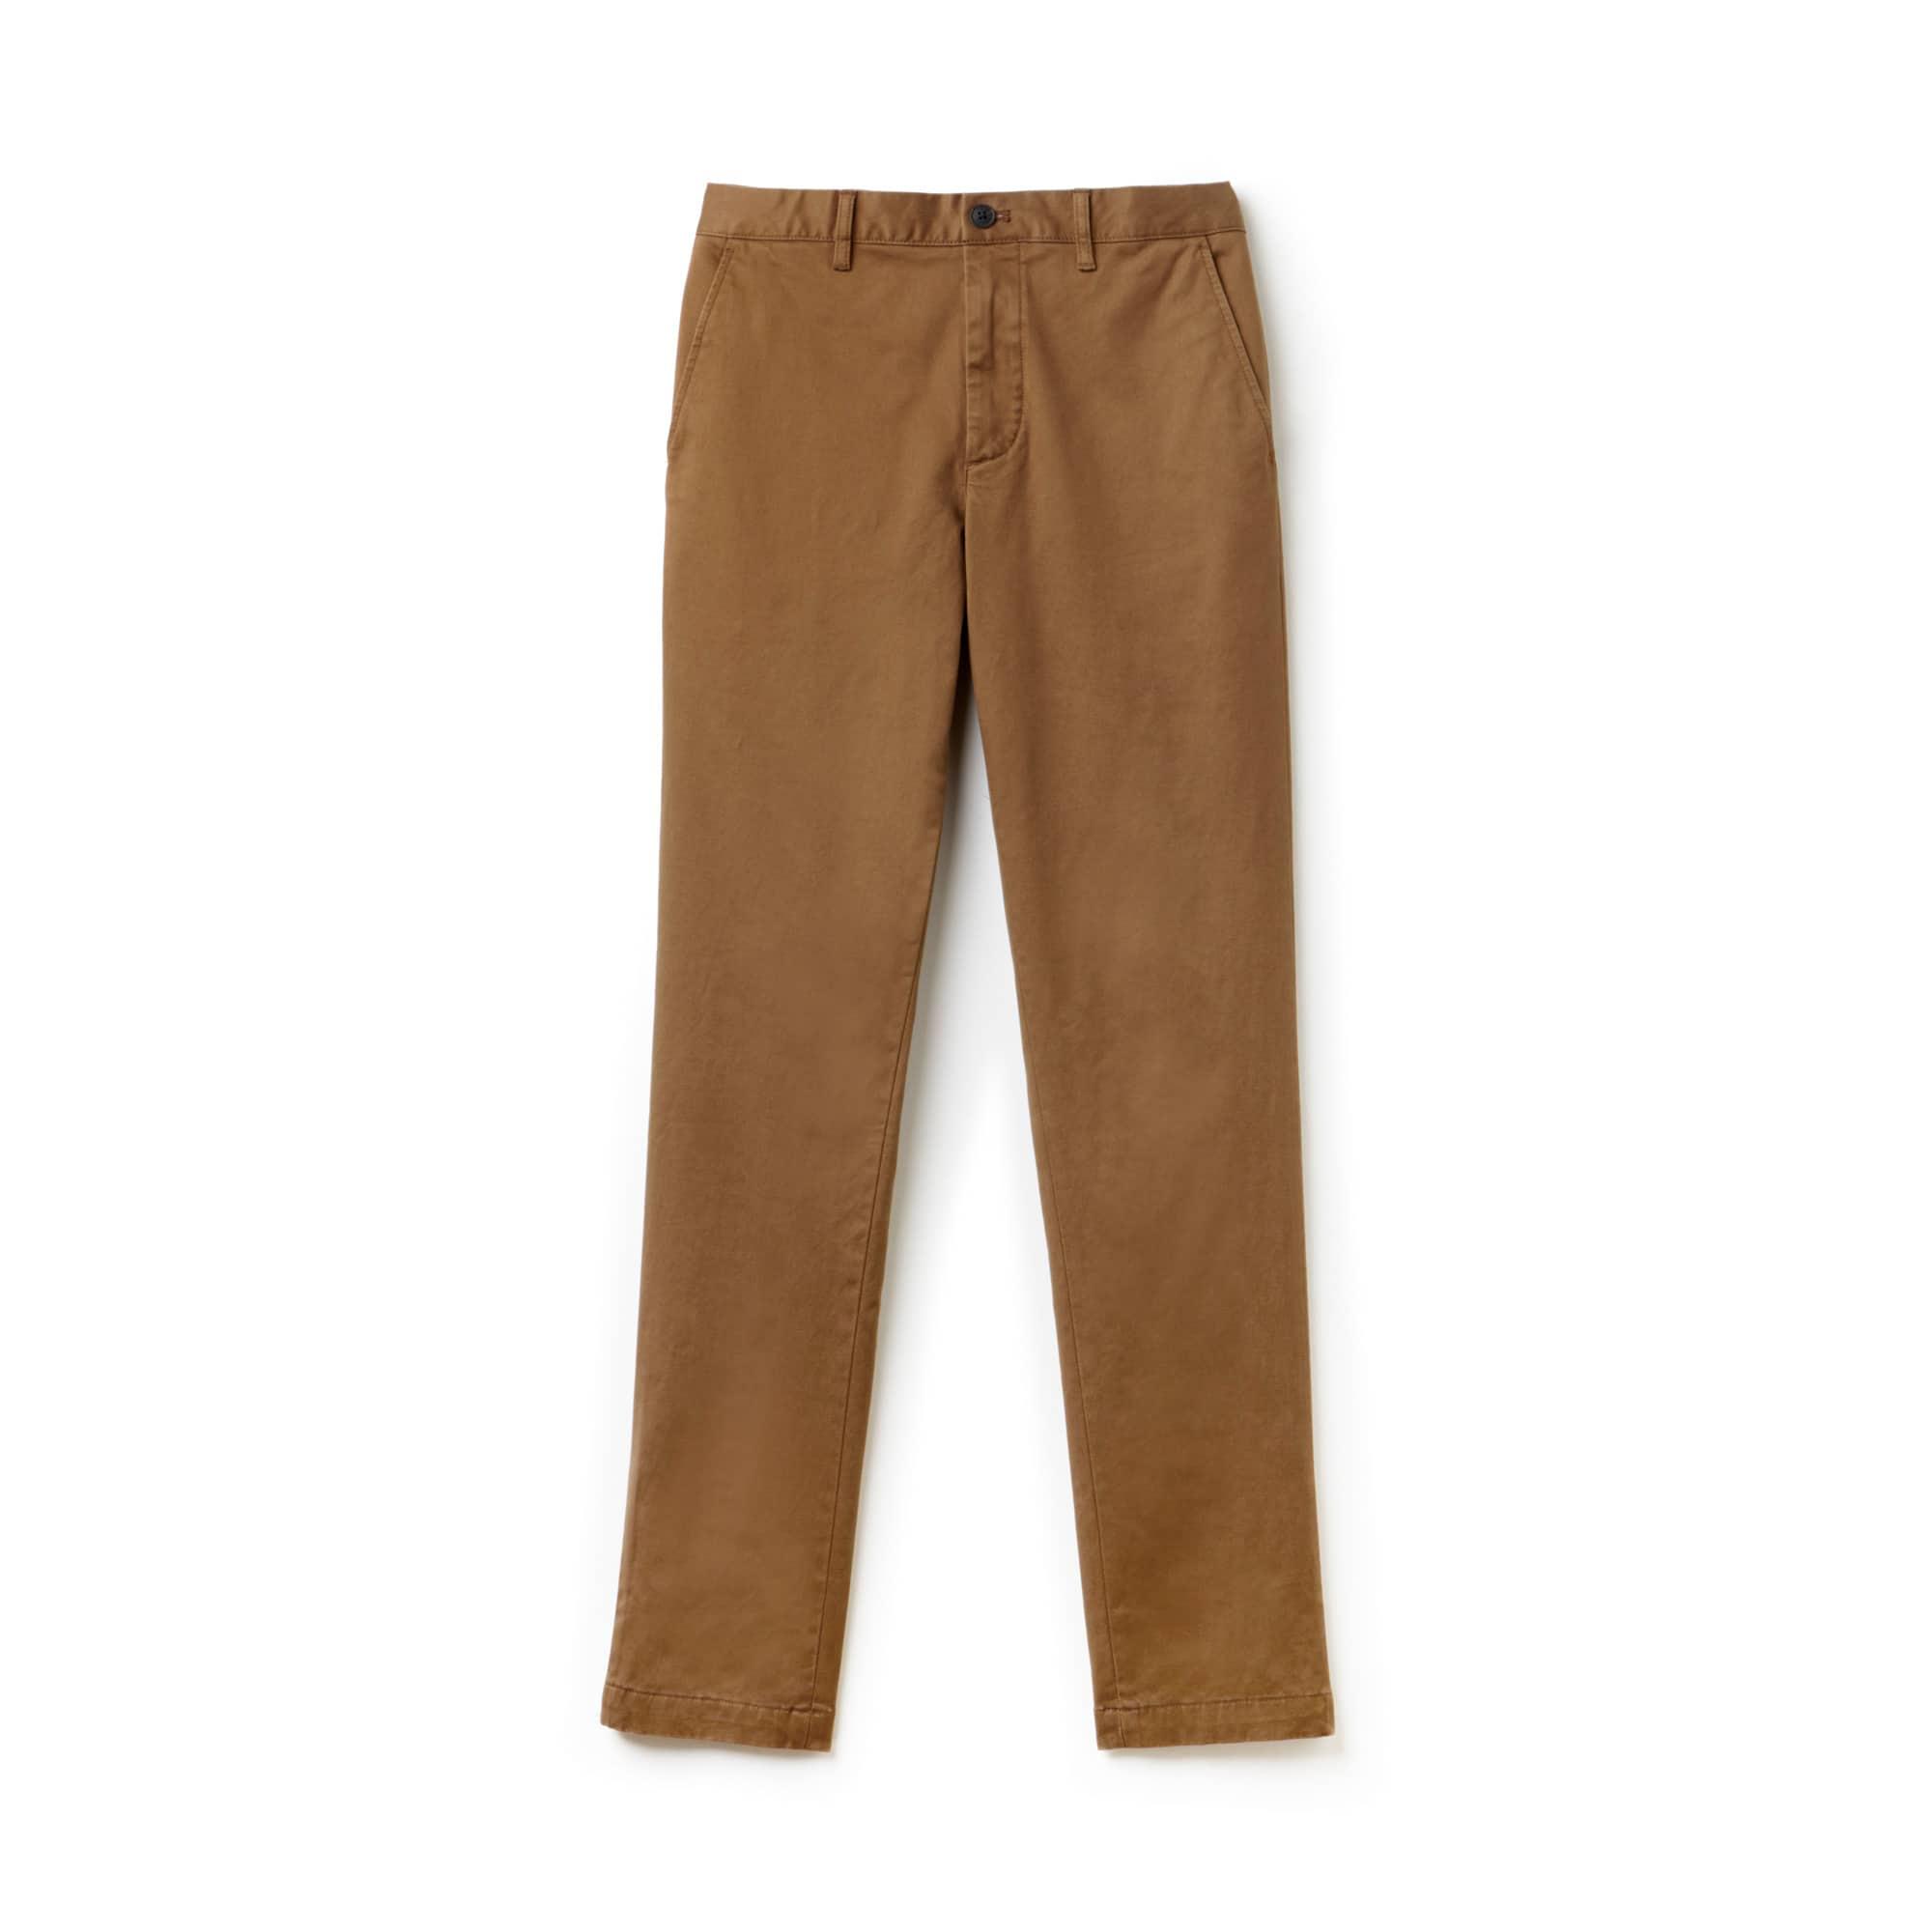 Calça Chino Slim Fit Masculina em Gabardina Stretch